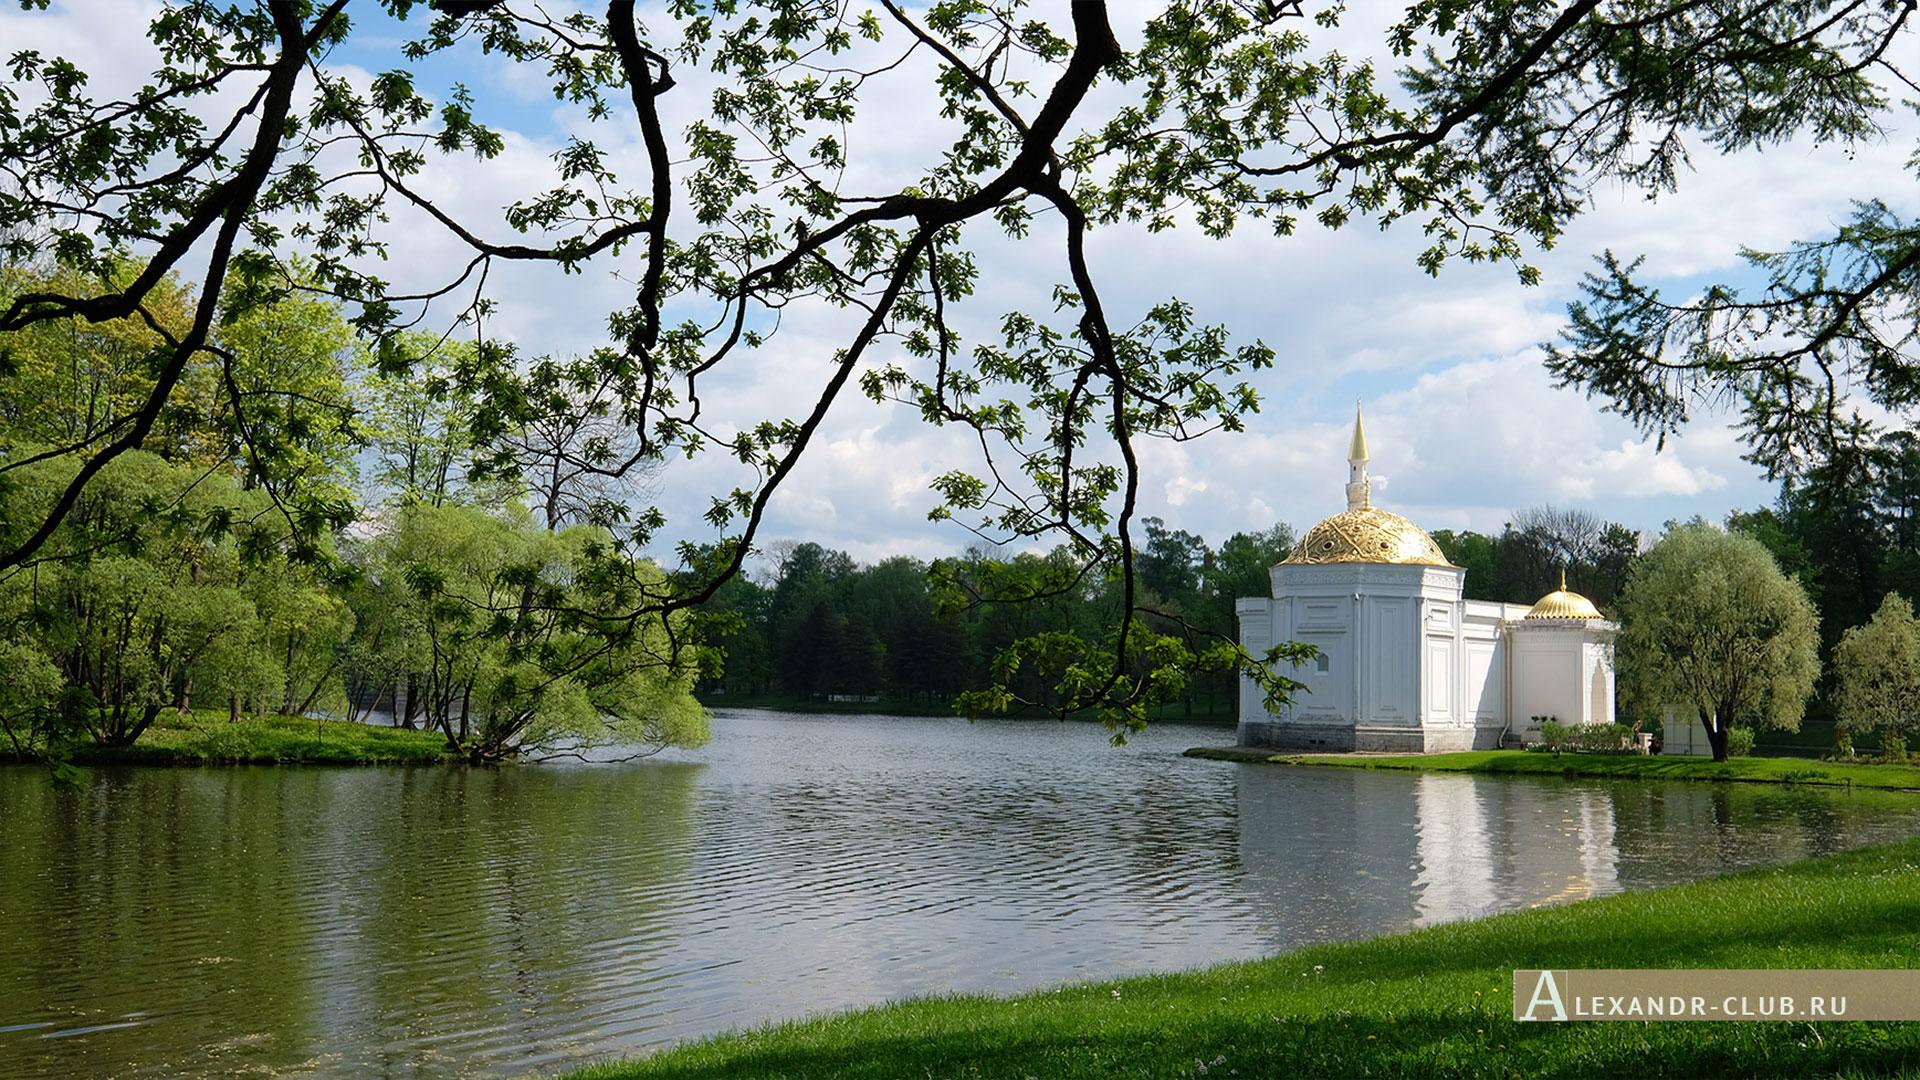 Царское Село, весна, Екатерининский парк, павильон «Турецкая баня»